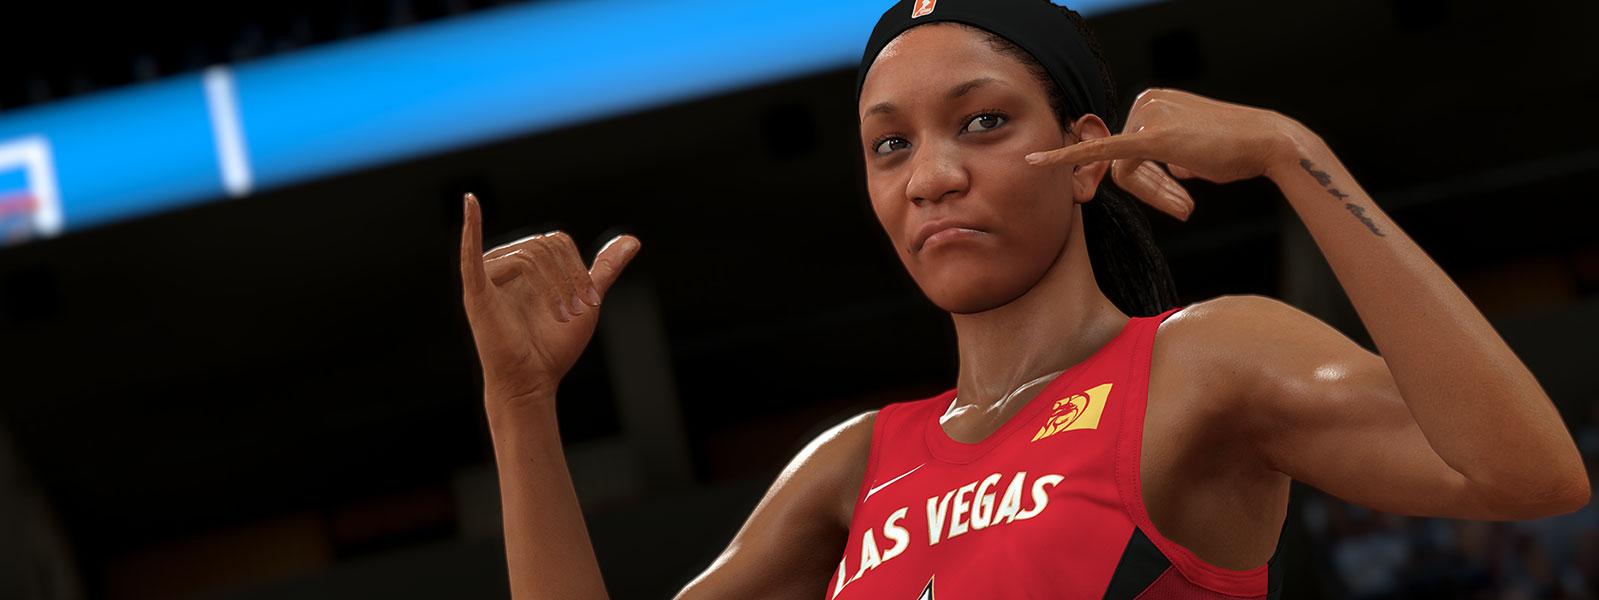 Giocatrice WNBA di Las Vegas in posa